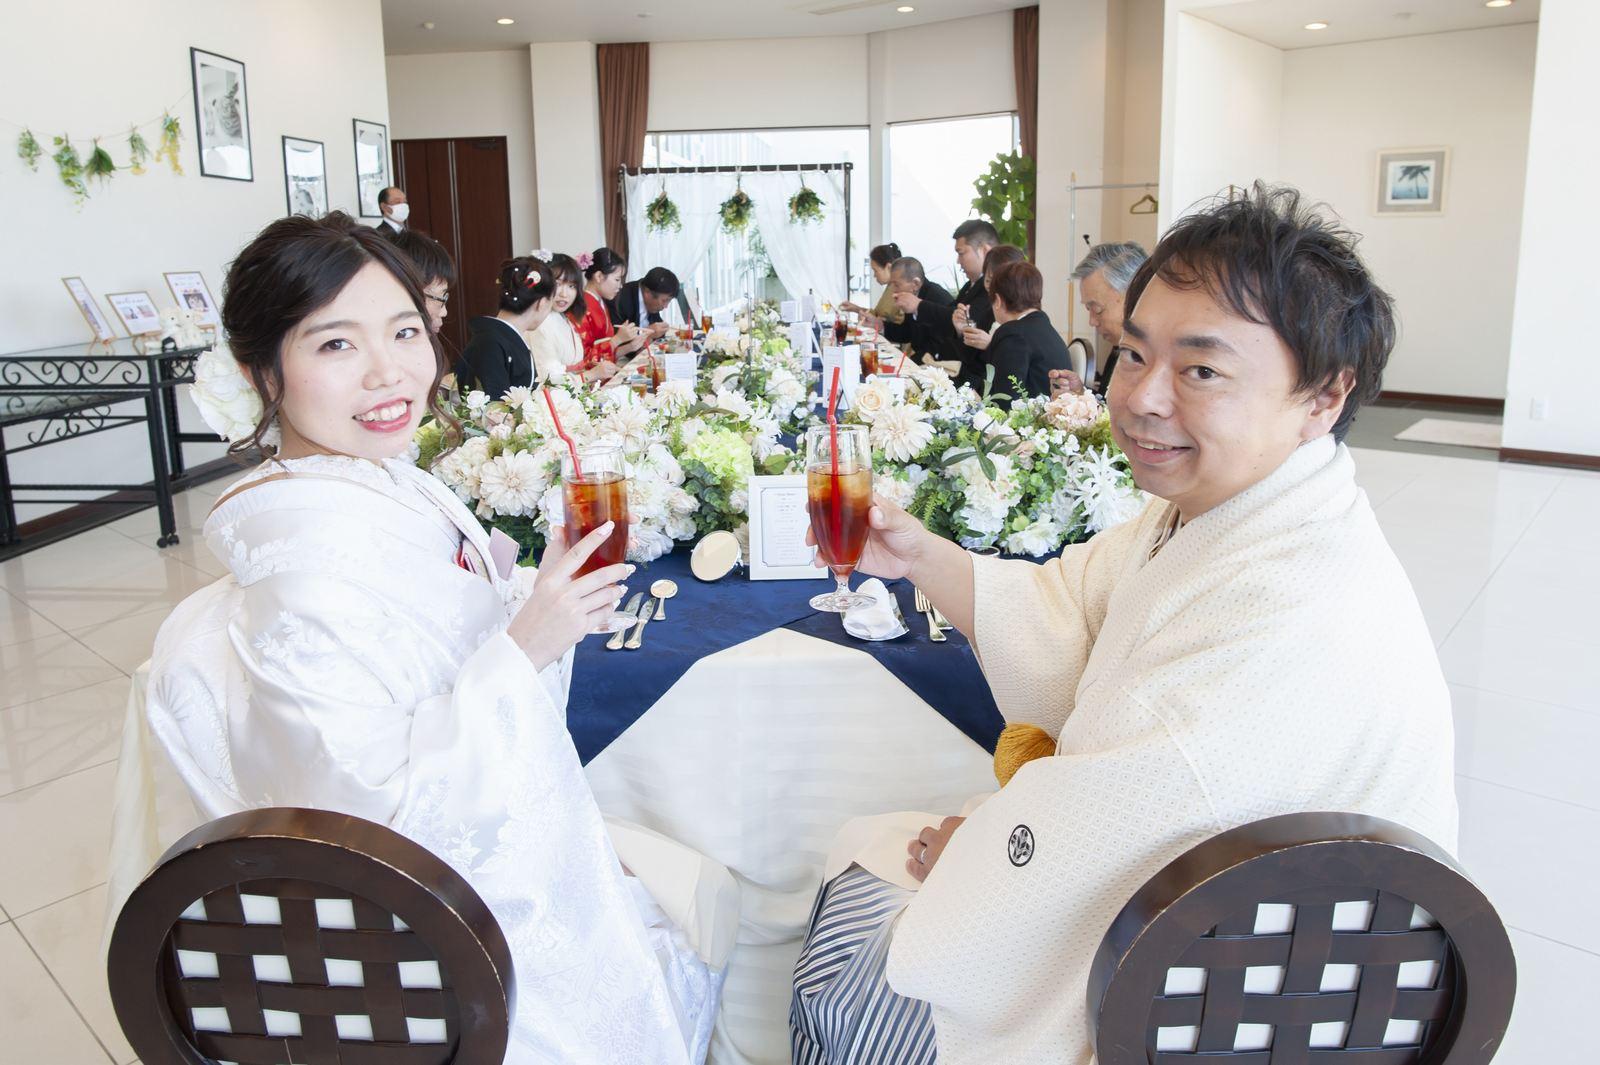 徳島市の結婚式場ブランアンジュの披露宴会場でステキな笑顔の新郎新婦